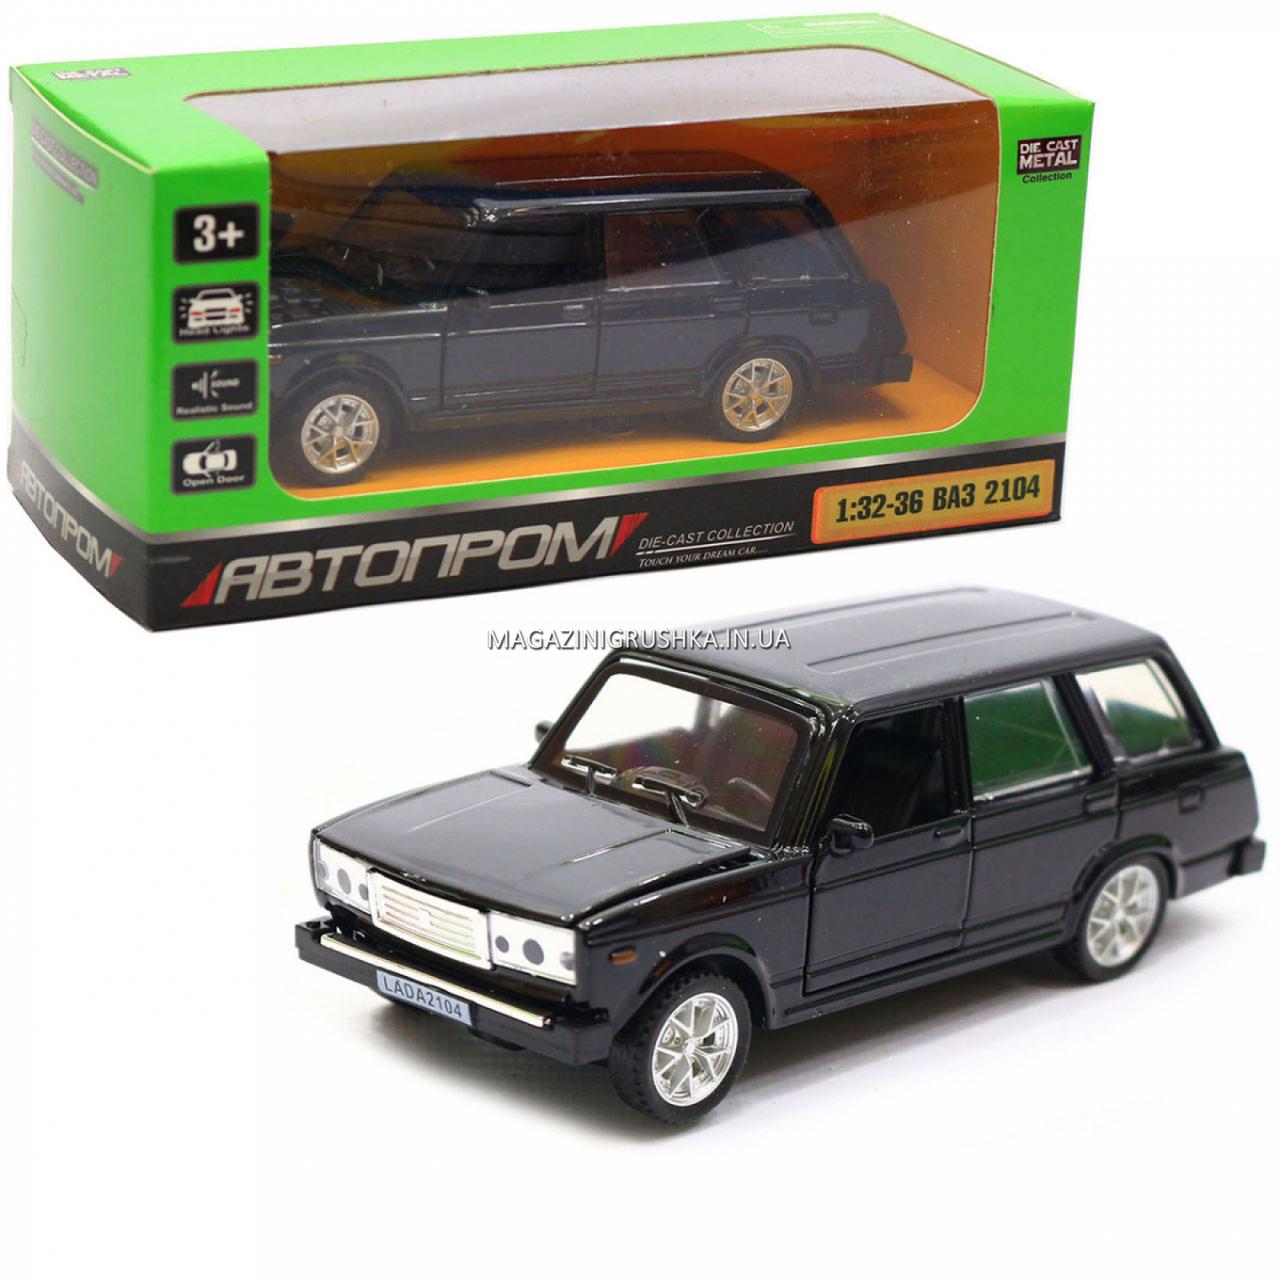 Машинка игровая автопром «ВАЗ-2104» Черный (свет, звук), 14х5х7 см (7505)